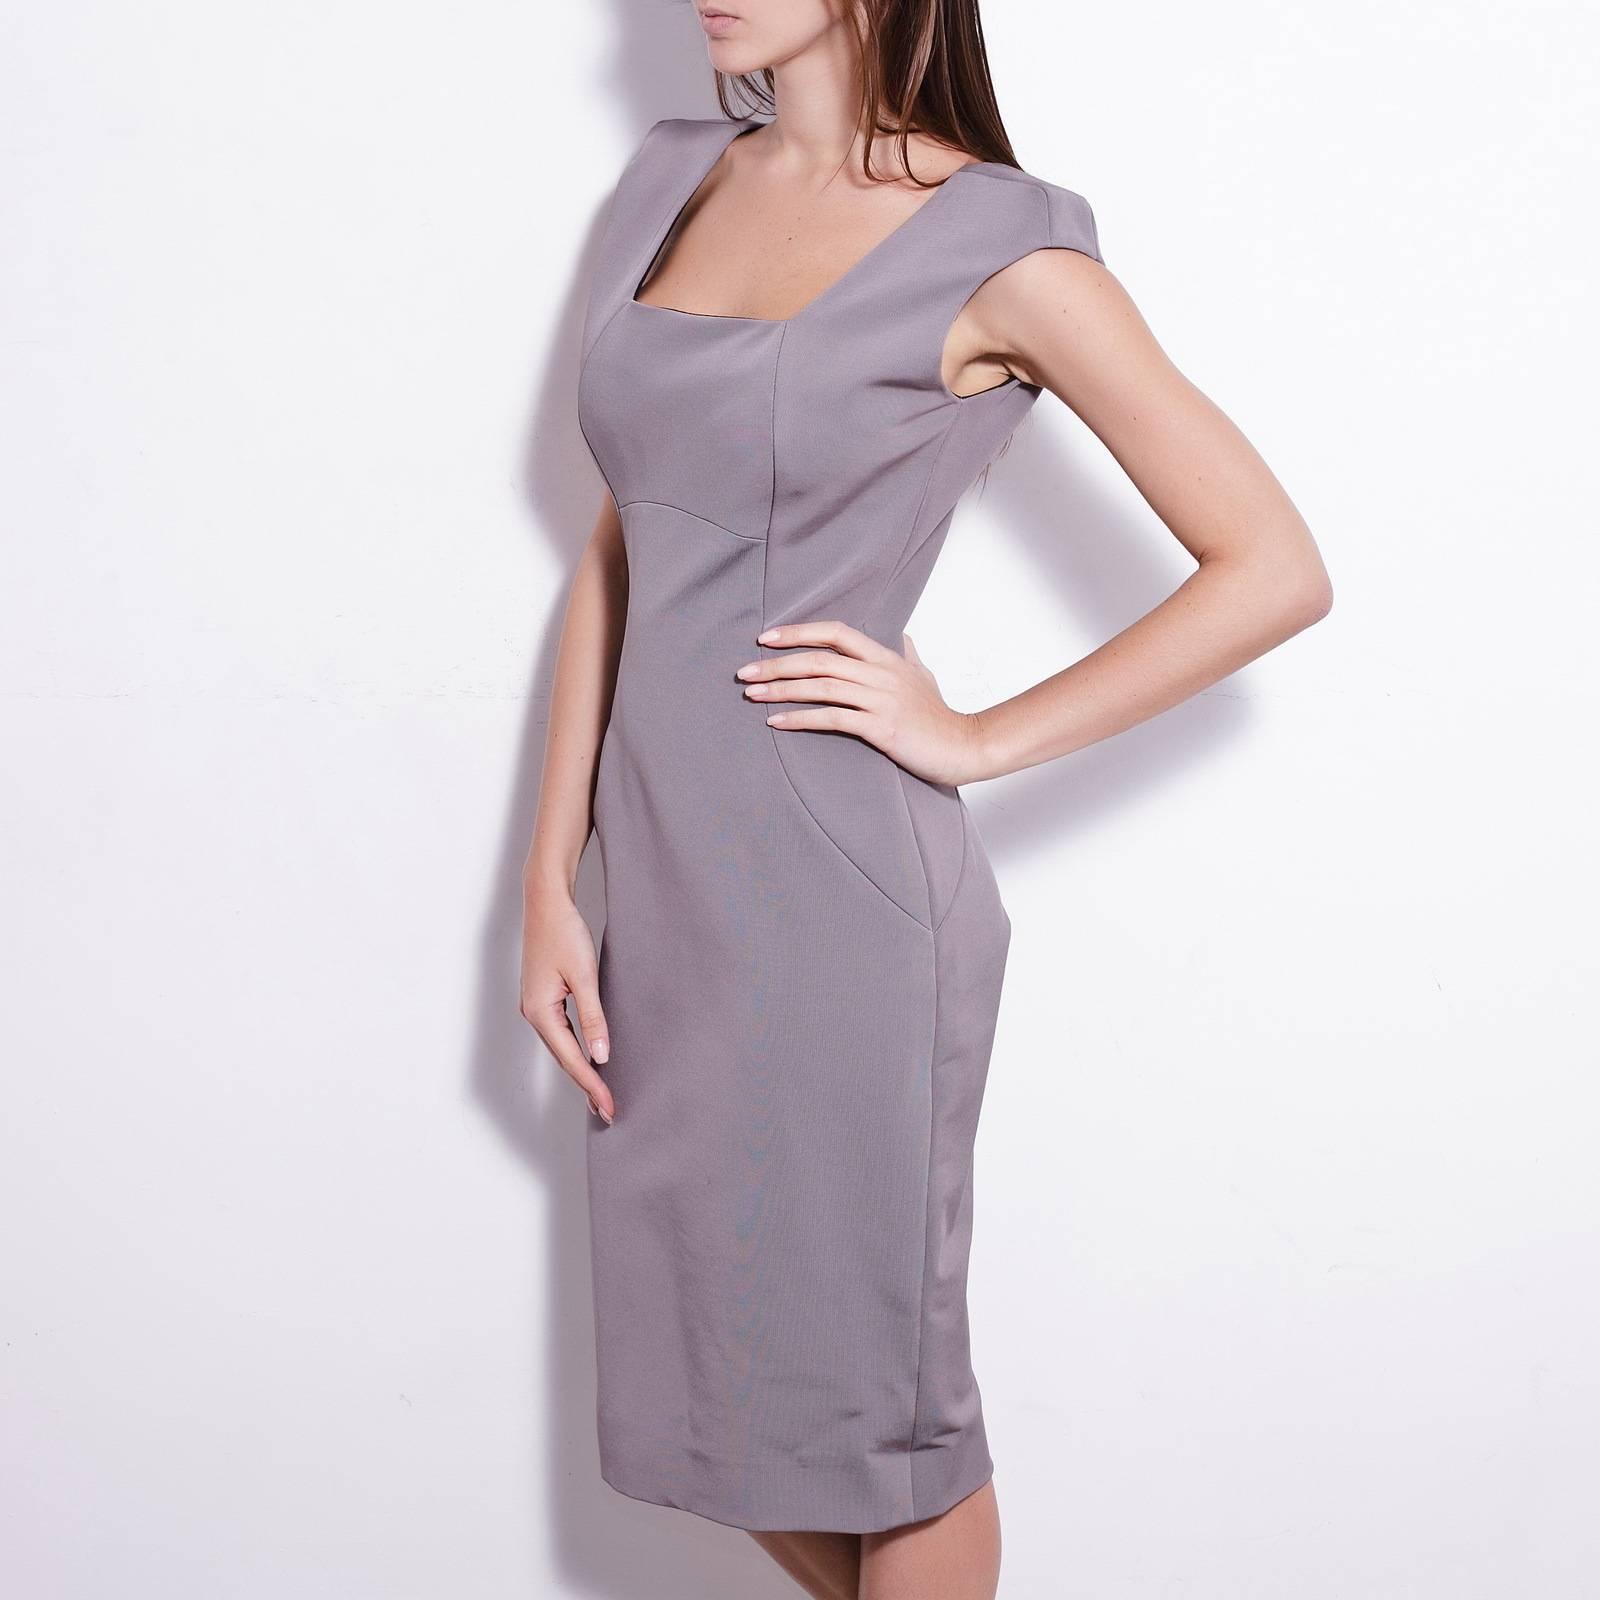 8e2f4d295f0 Купить платье Victoria Beckham в Москве с доставкой по цене 11200 ...